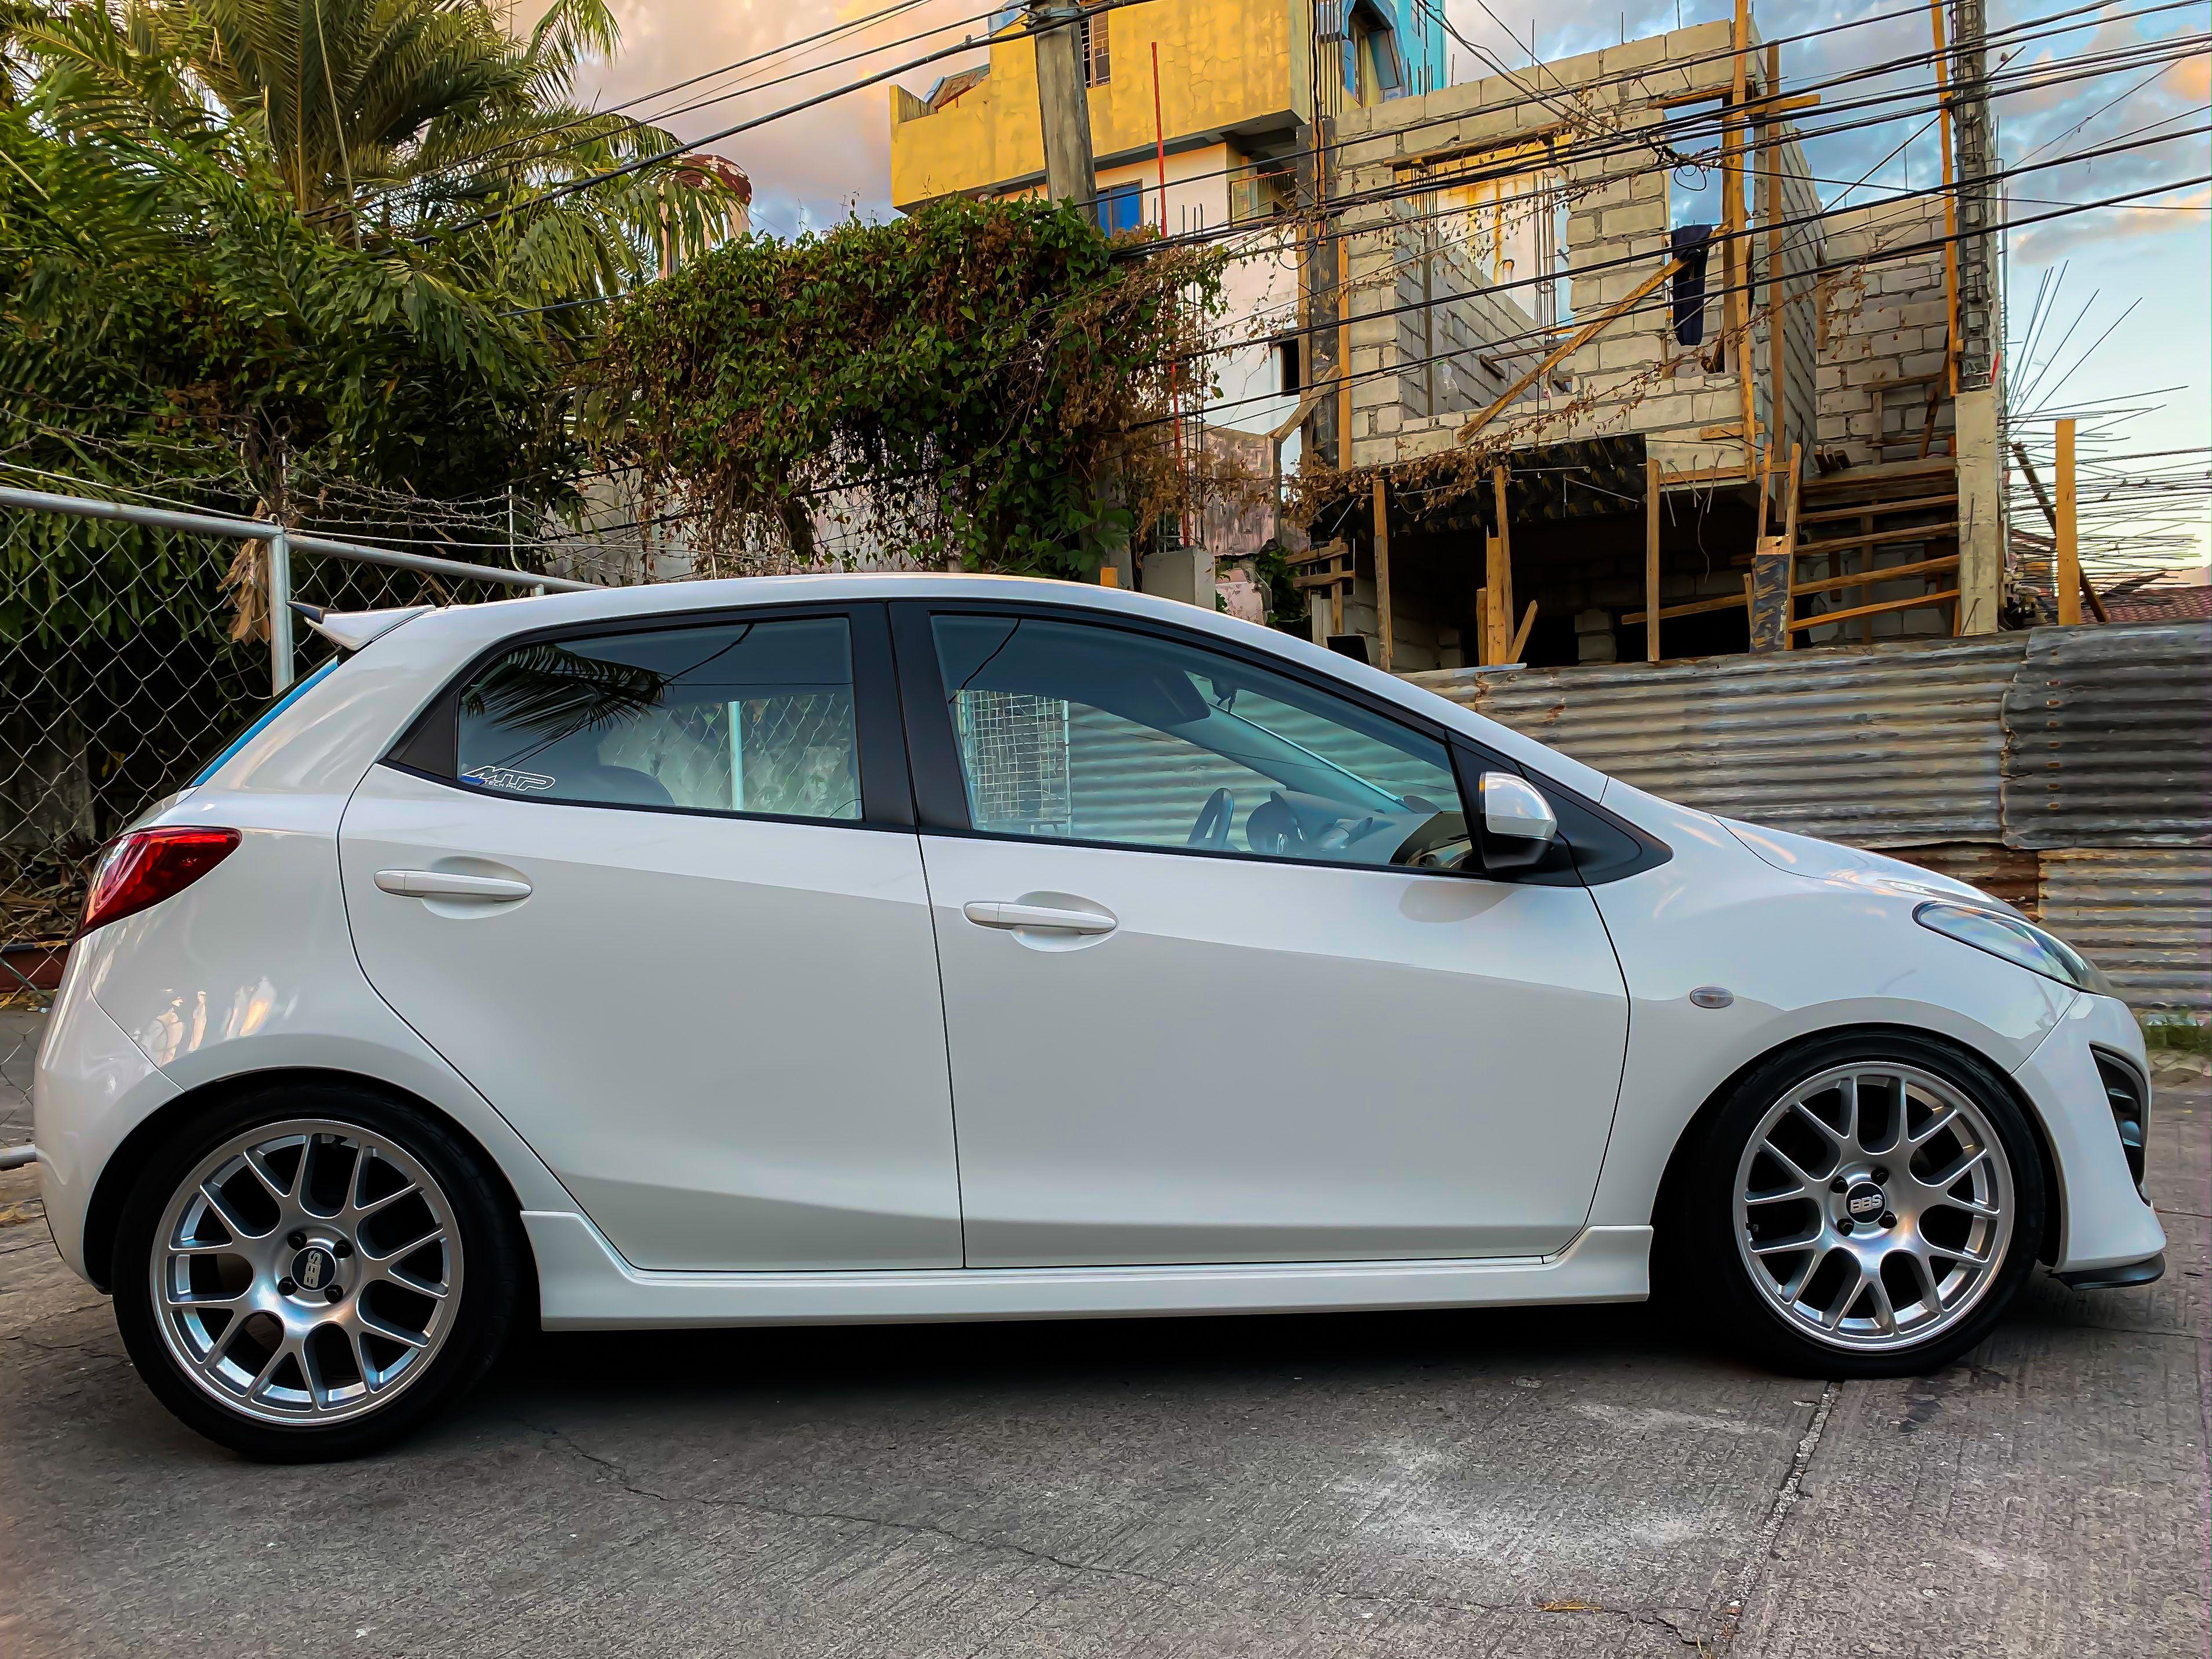 Pin By Rl Garage On Mazda 2 Philippines In 2020 Mazda 2 Mazda Car